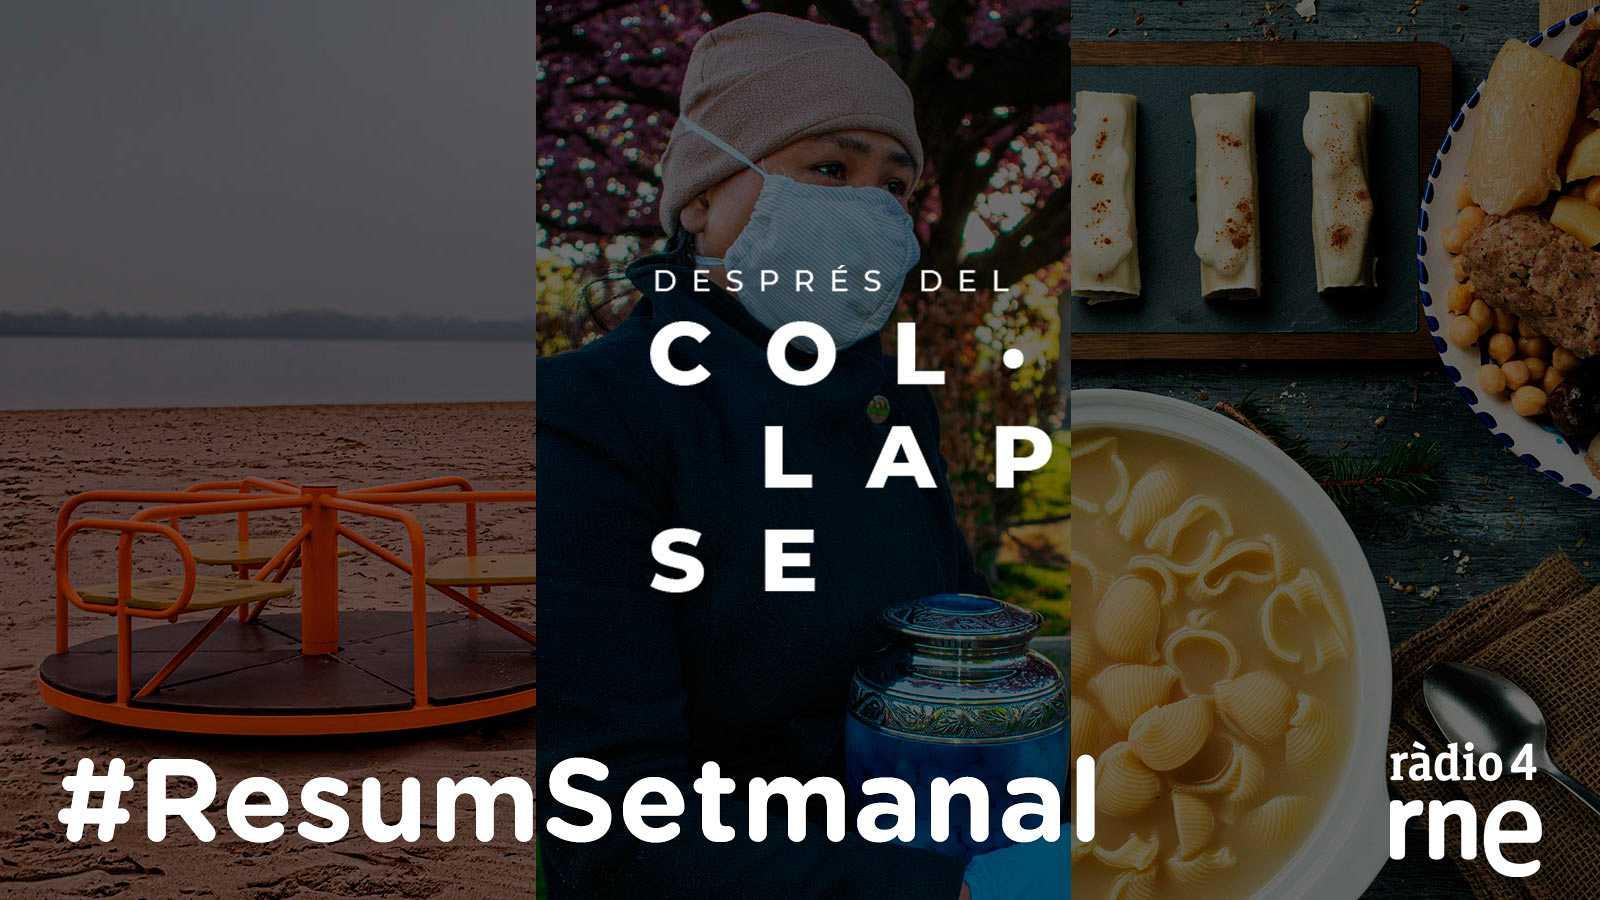 Després del col·lapse - Resum Setmanal - 22/01/21 - escoltar ara